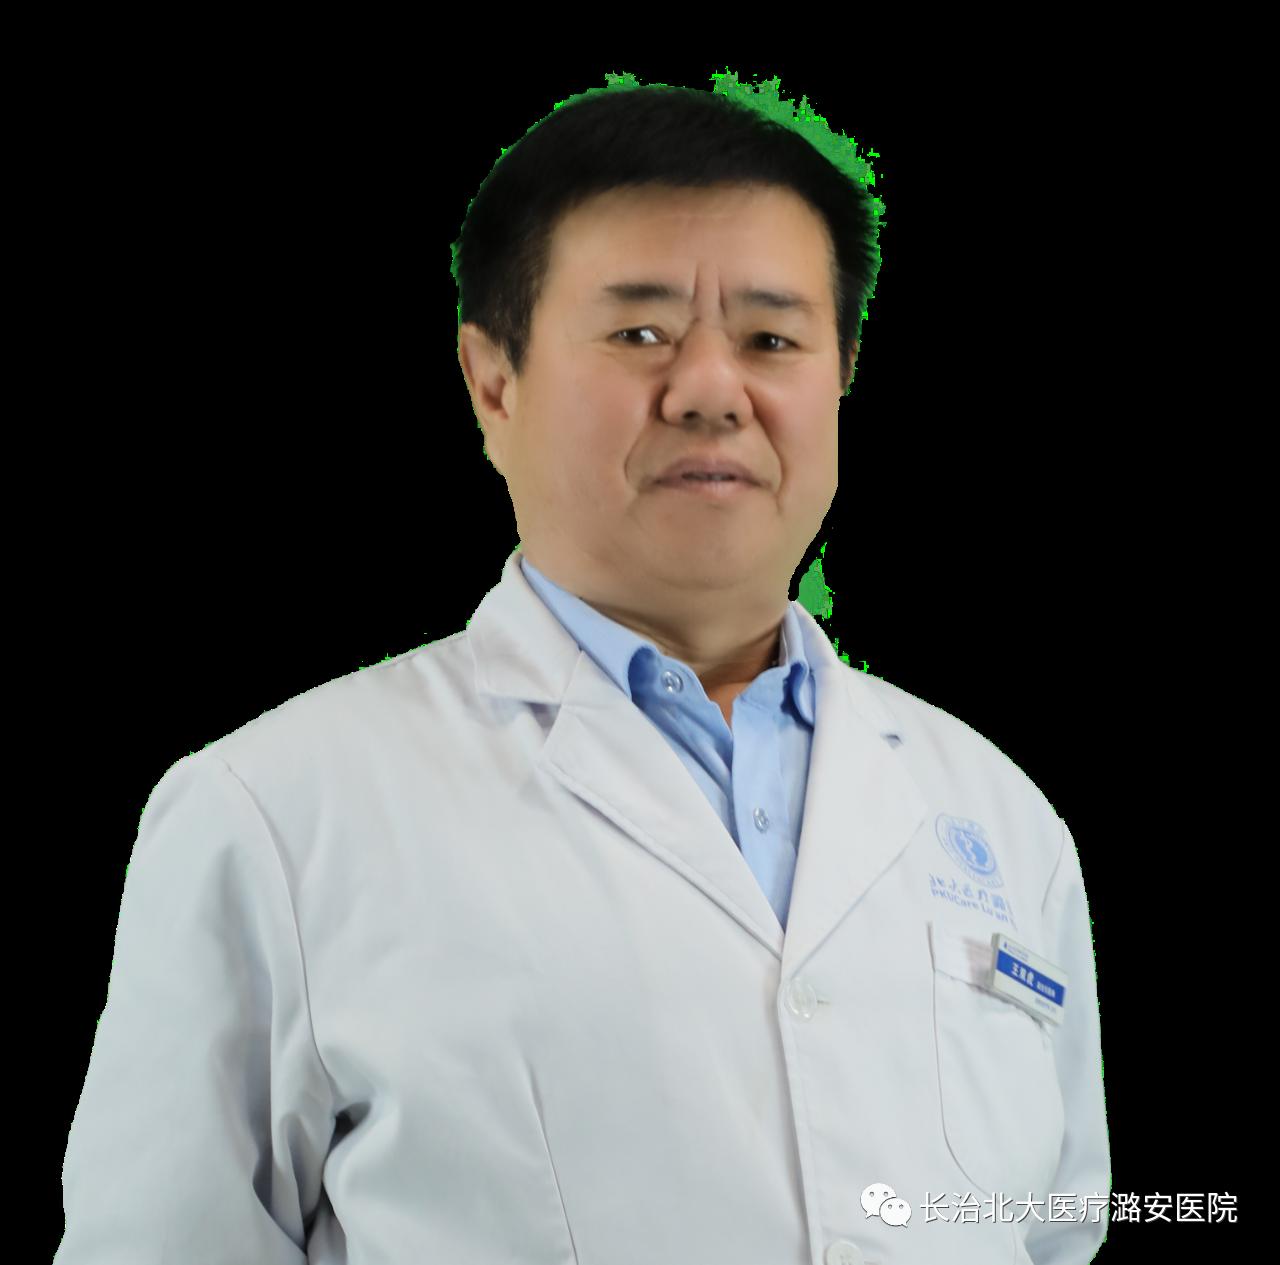 【直通大医院】10月13日,北大医疗潞安医院放疗科主任王双虎为大家科普《治癌利器——放射治疗》